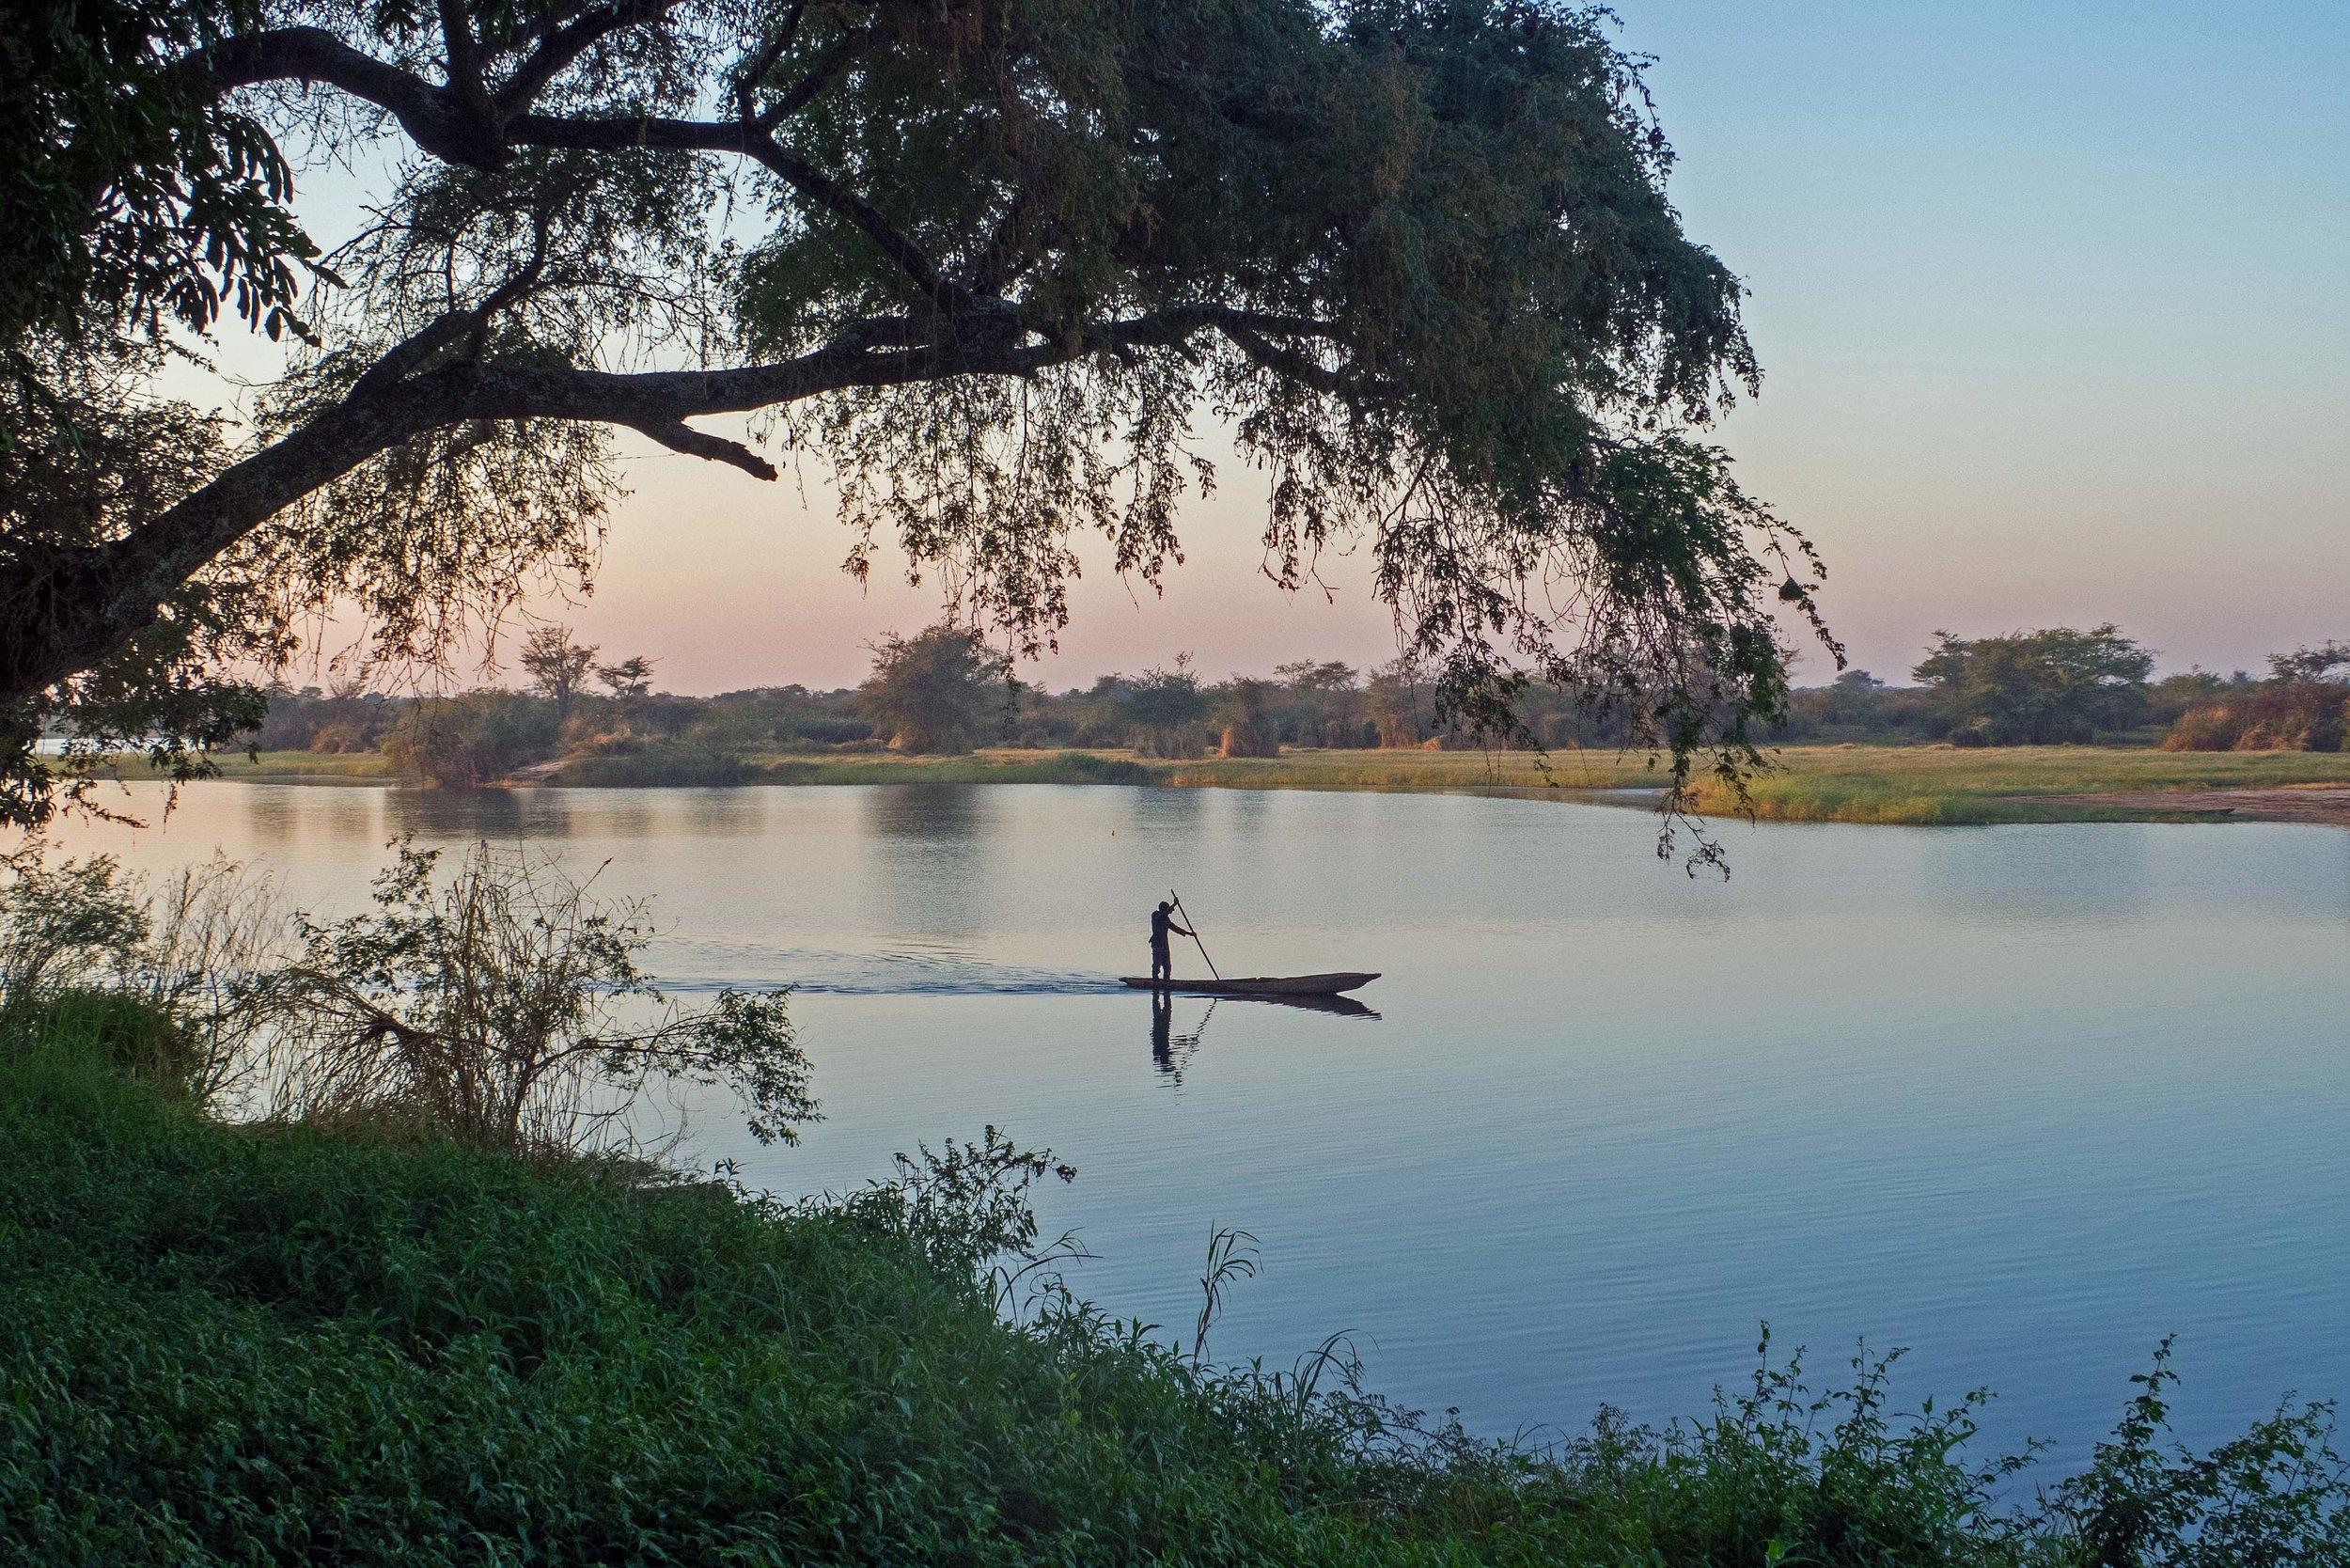 A Mwandi fisherman heads out at sunrise.